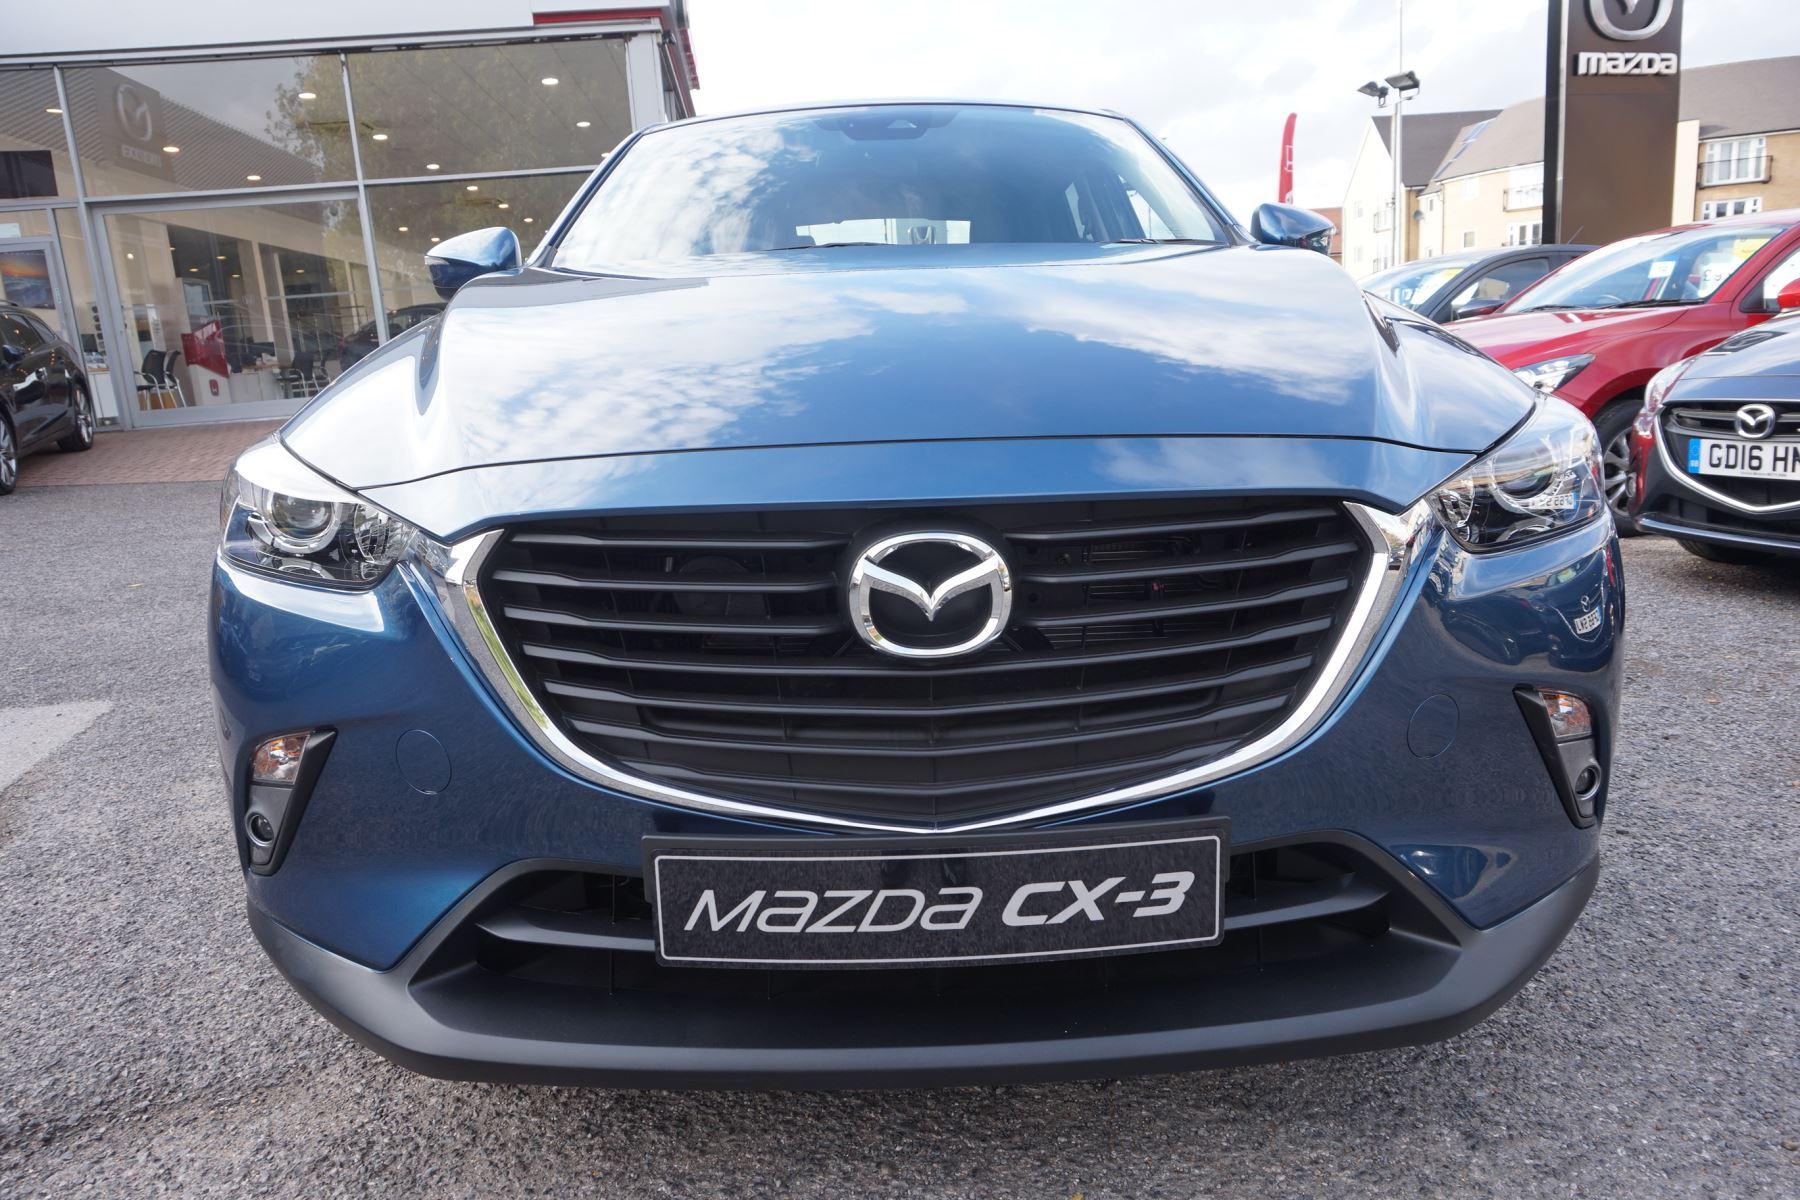 Mazda CX-3 1.5d SE-L Nav 5dr image 2